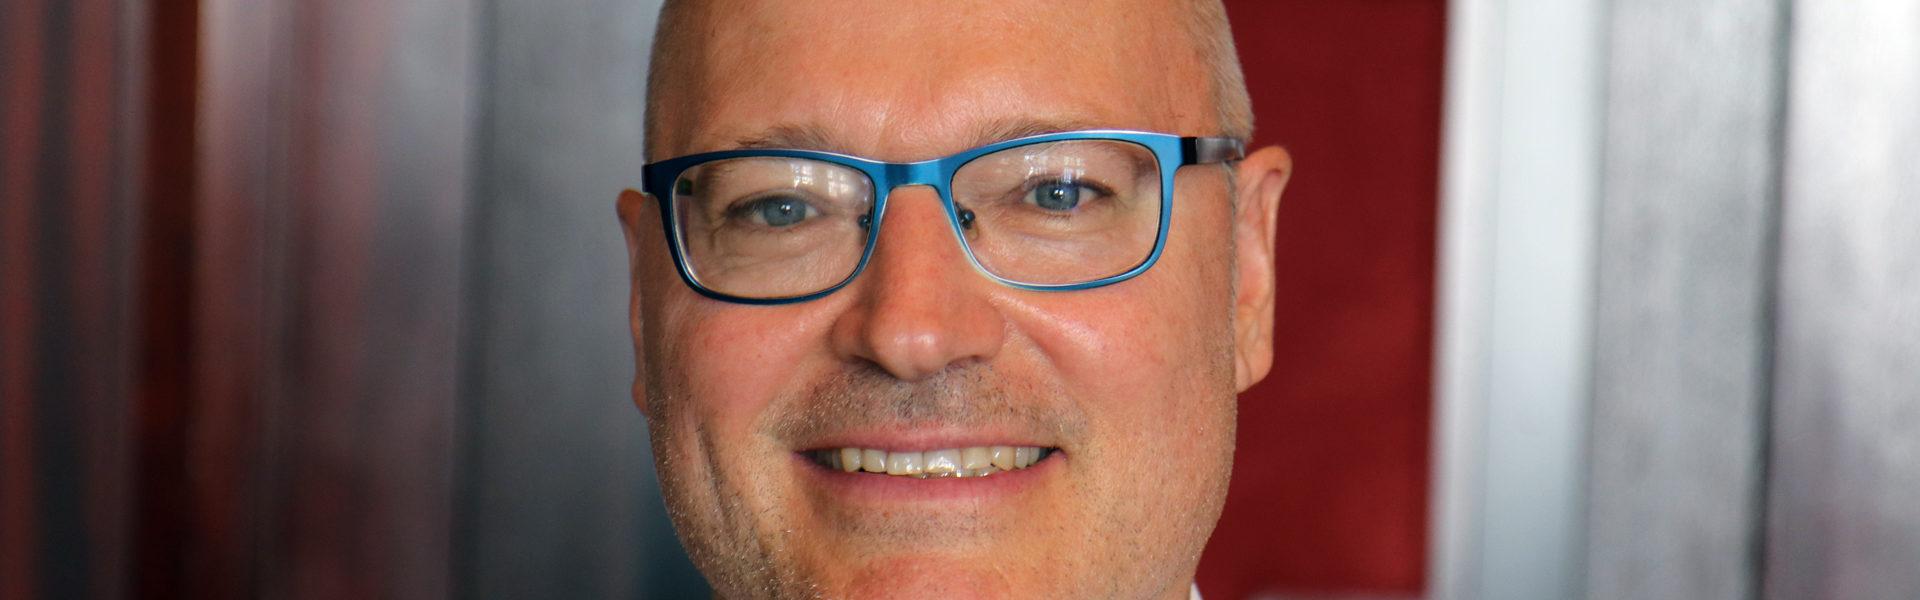 Henrik Norholt